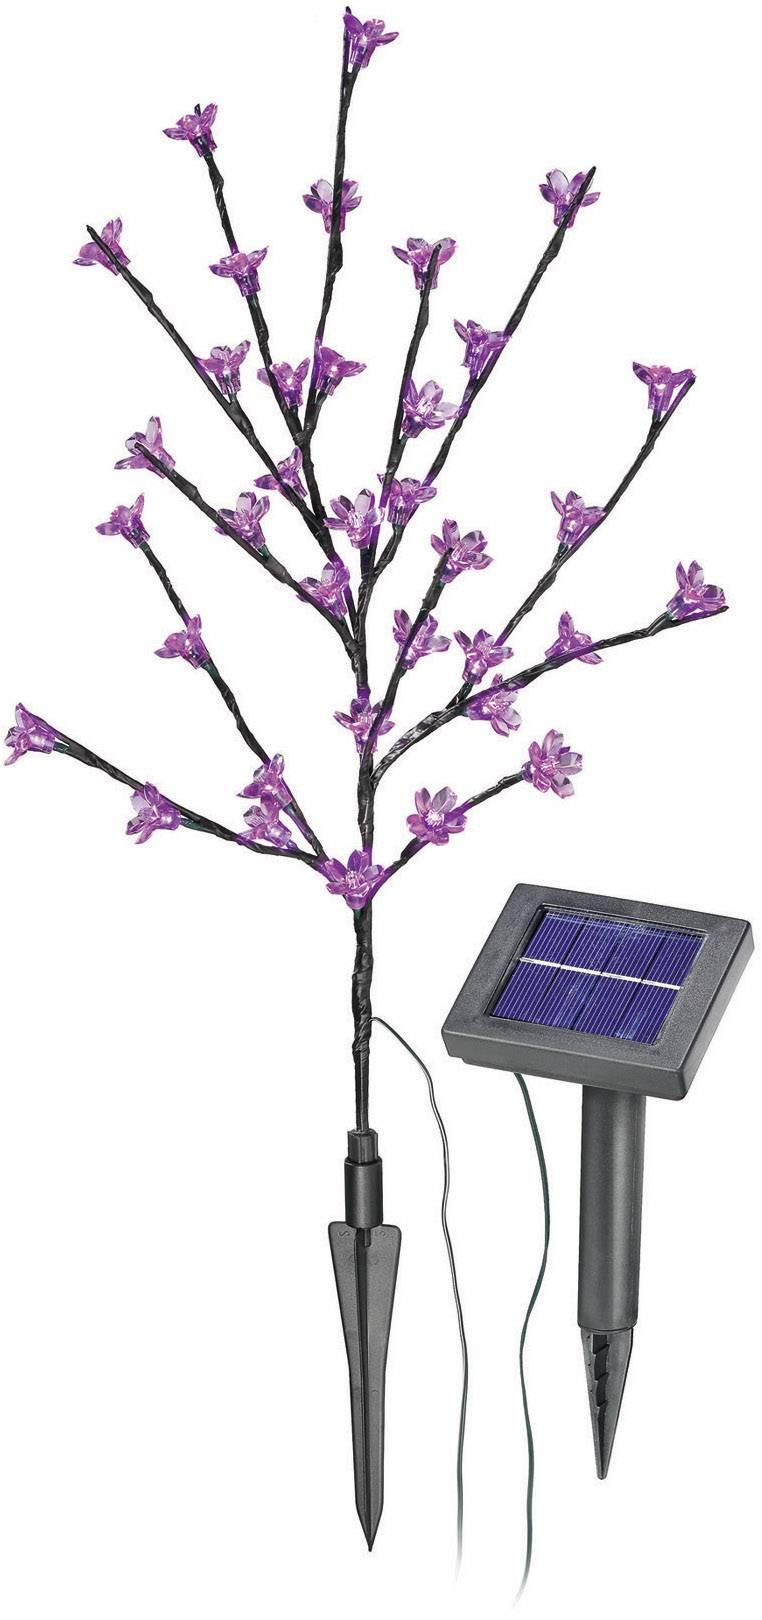 Solárne záhradné svietidlo LED Esotec, kvitnúci ker